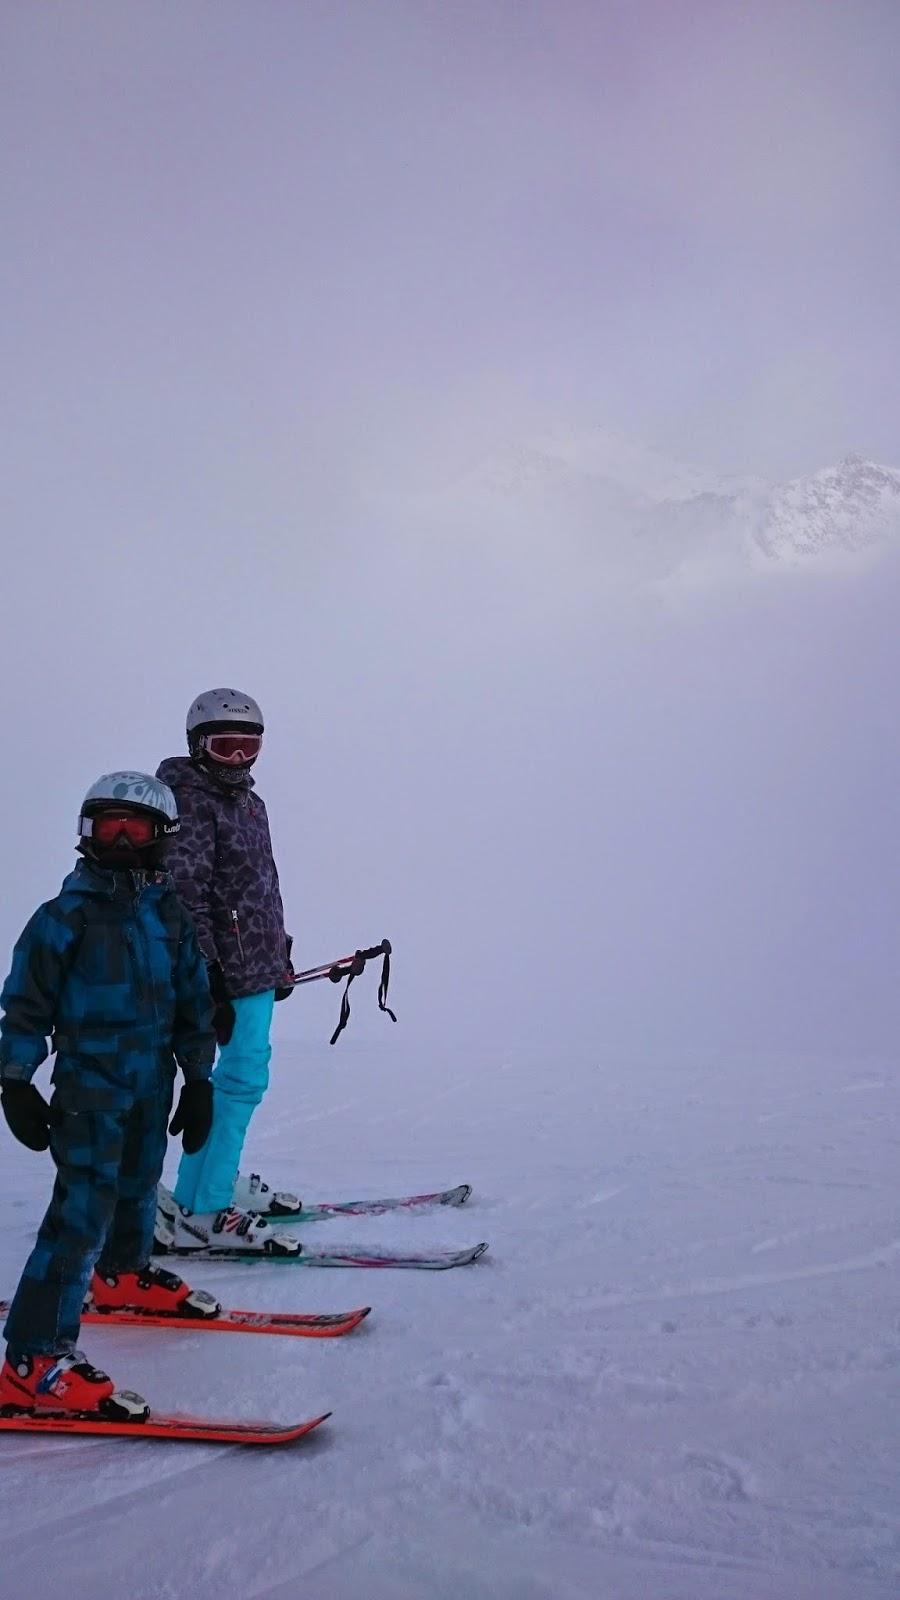 mgła, chmury, sky italy, maso corto, dzieci na nartach, gdzie jest gwarancja pogody na narty, jazda w chmurach